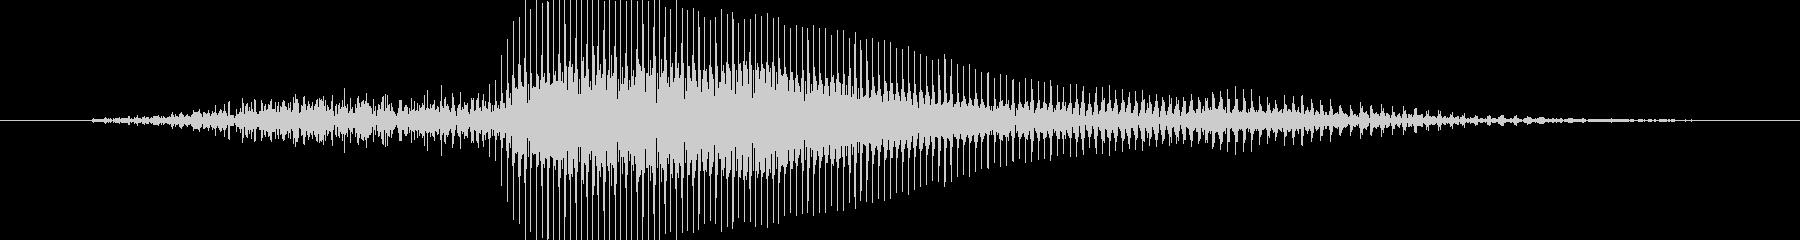 はー!(子供)【掛け声、戦闘ボイス】の未再生の波形